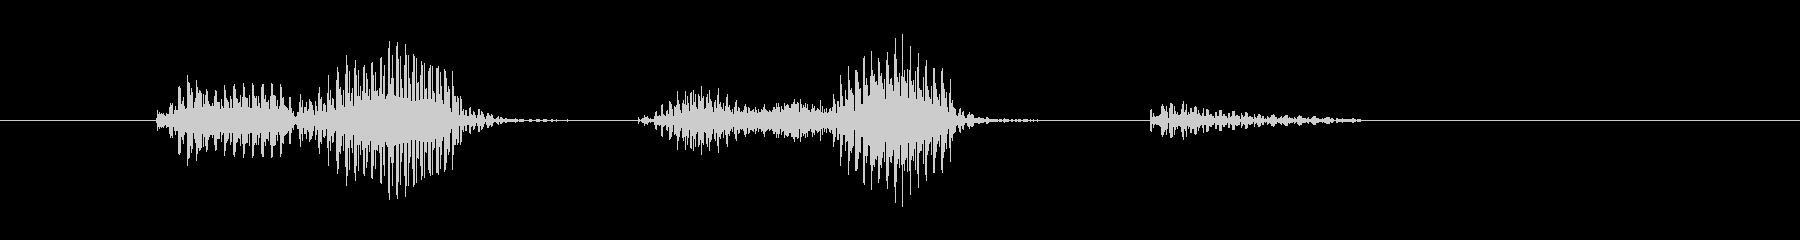 ドロップショットの未再生の波形